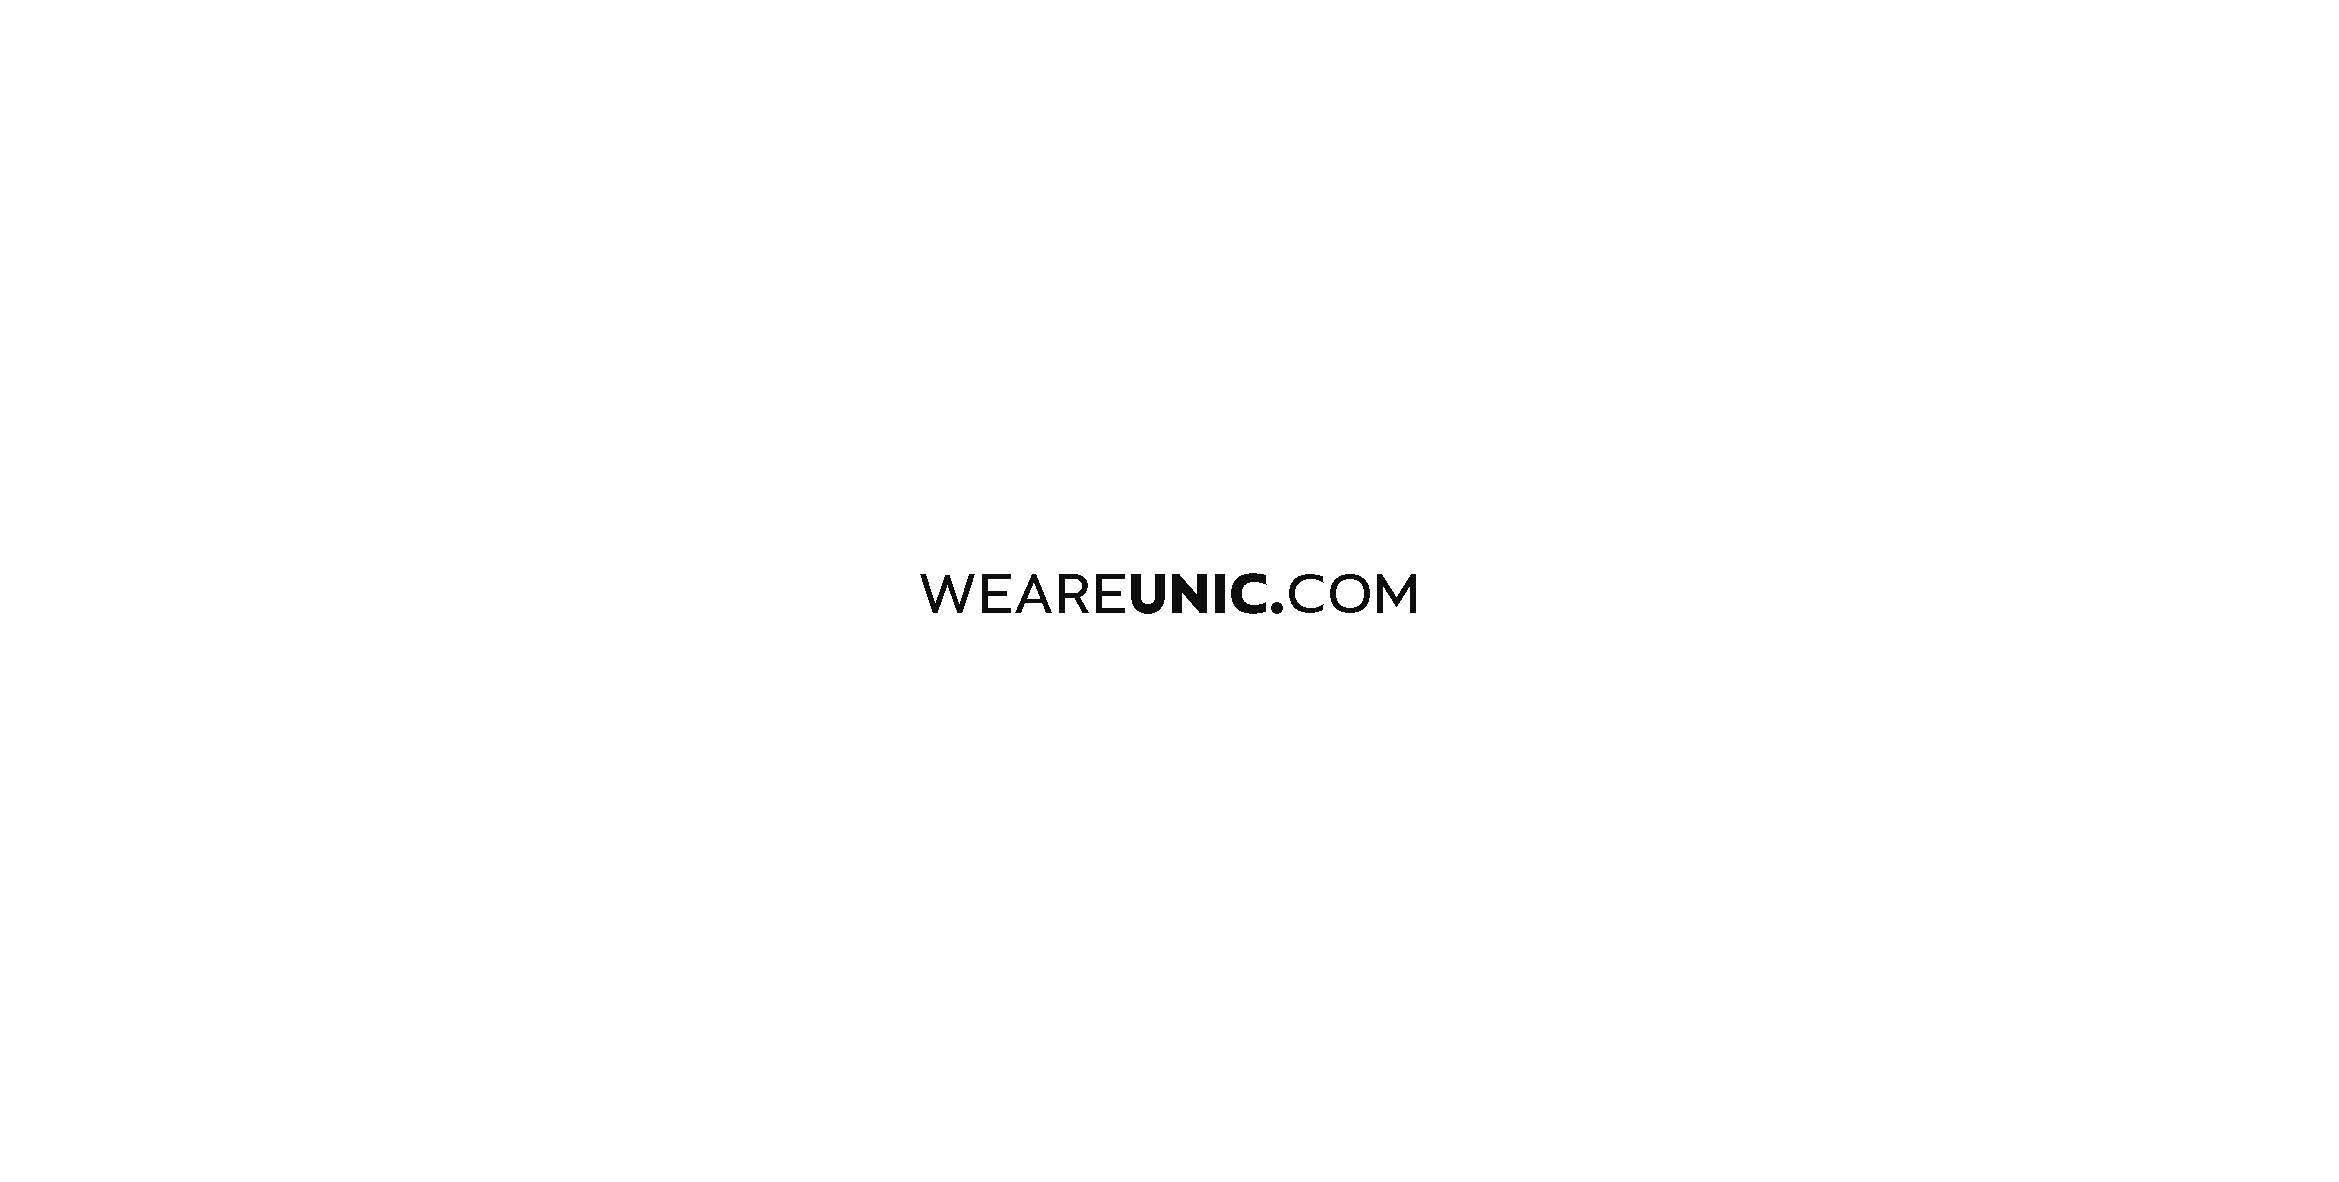 WEAREUNIC.COM